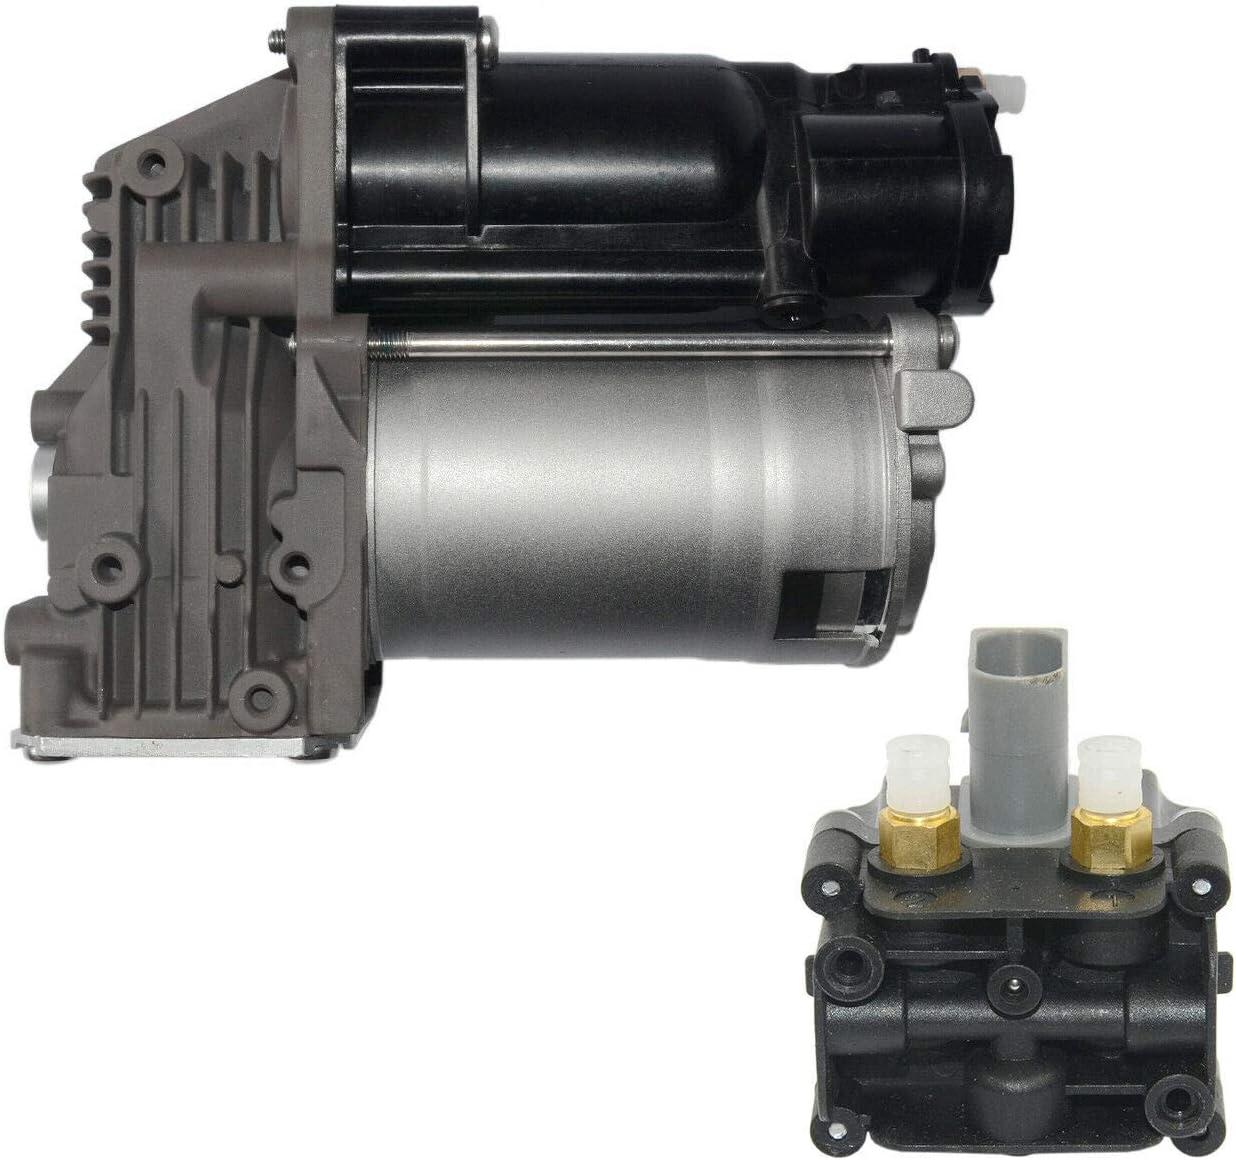 SCSN Bomba de compresor de suspensi/ón neum/ática con v/álvula 37206792855 37106793778